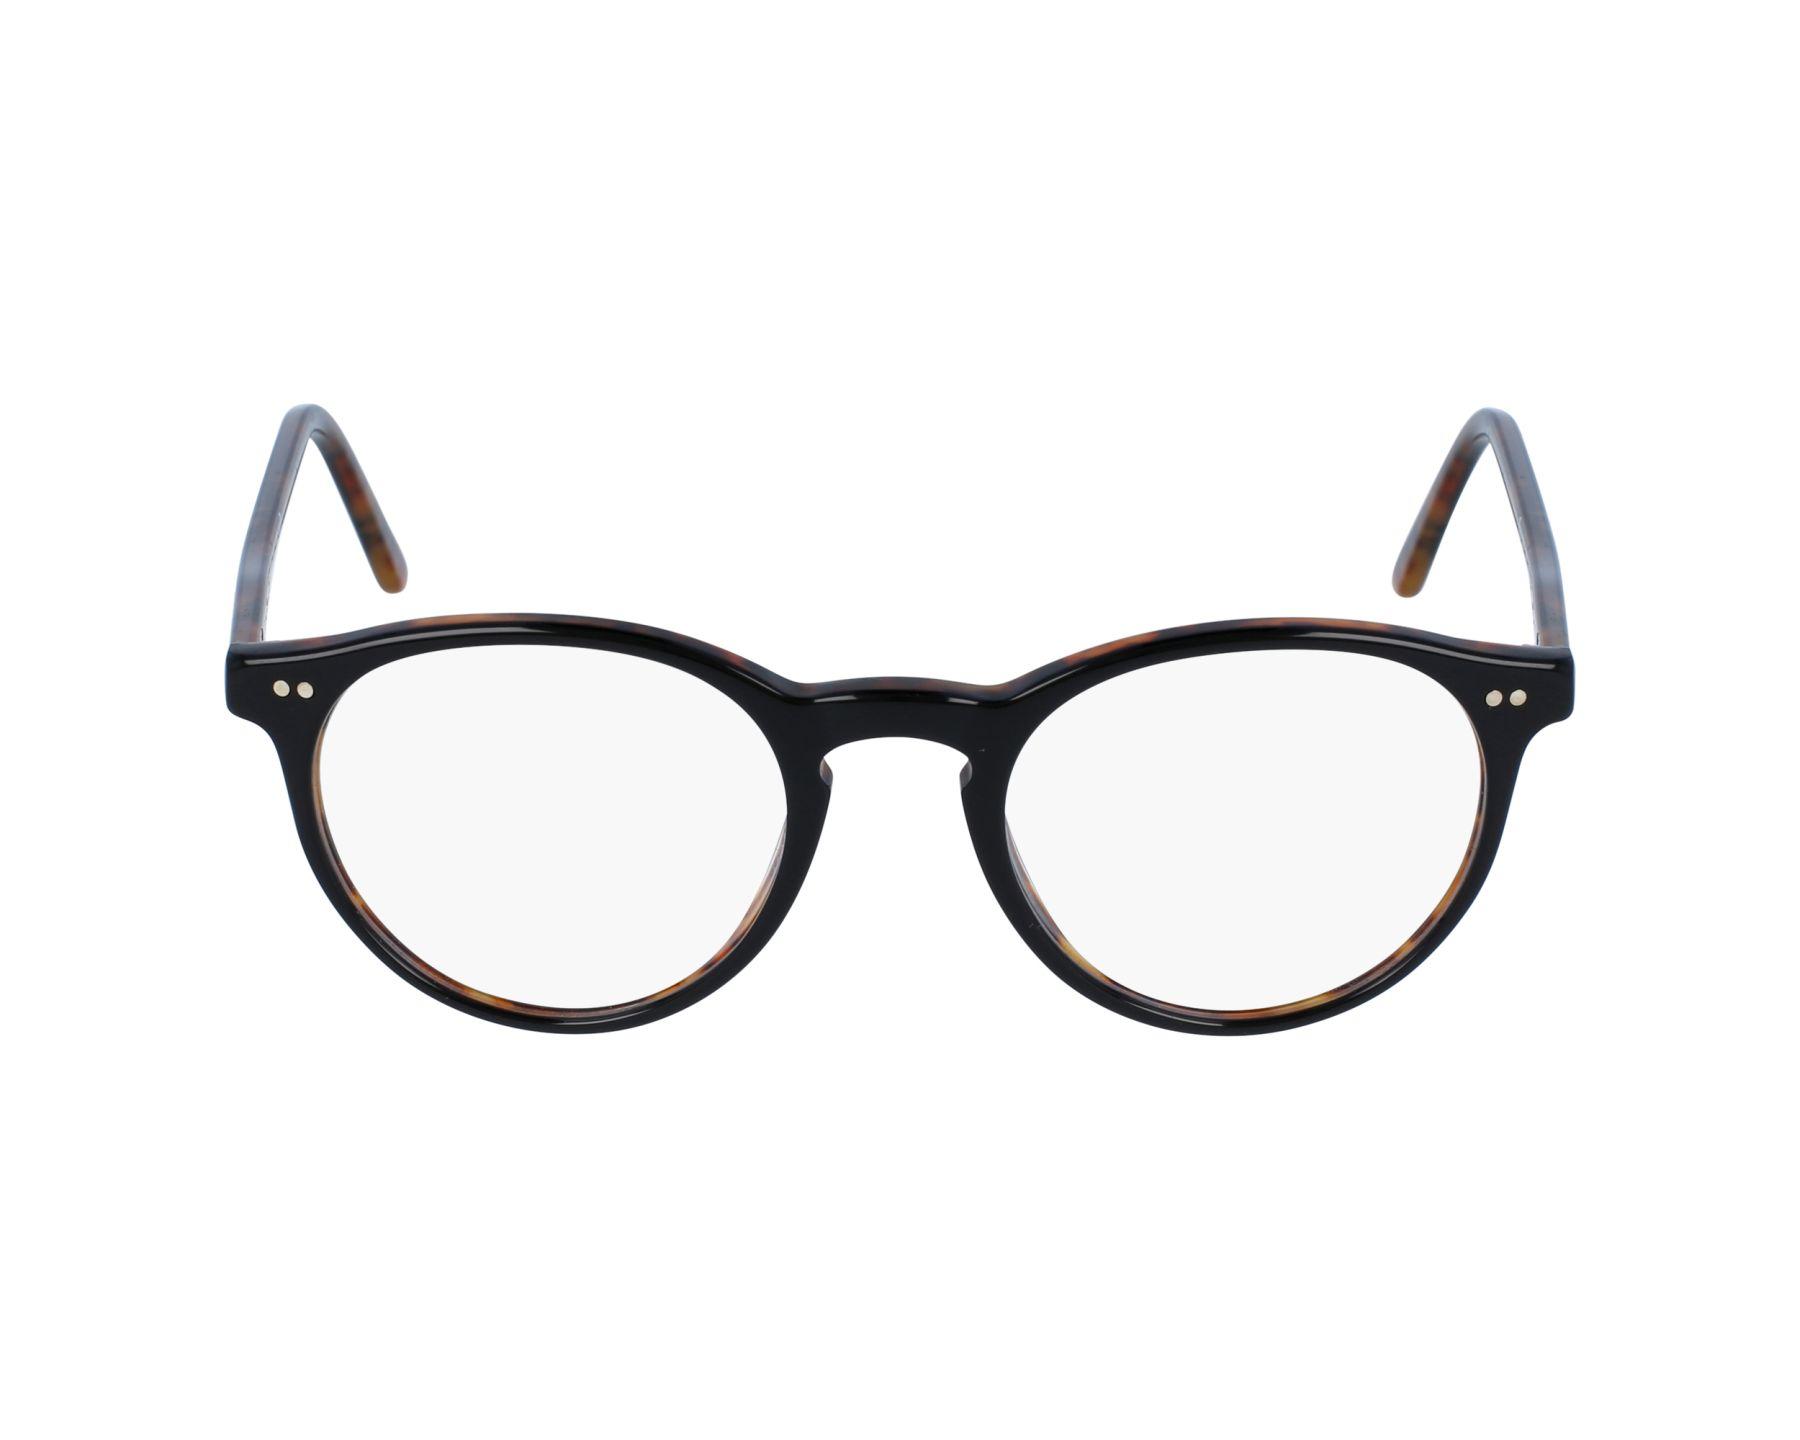 b6bc5a89ec42bf lunette de vue homme polo ralph lauren